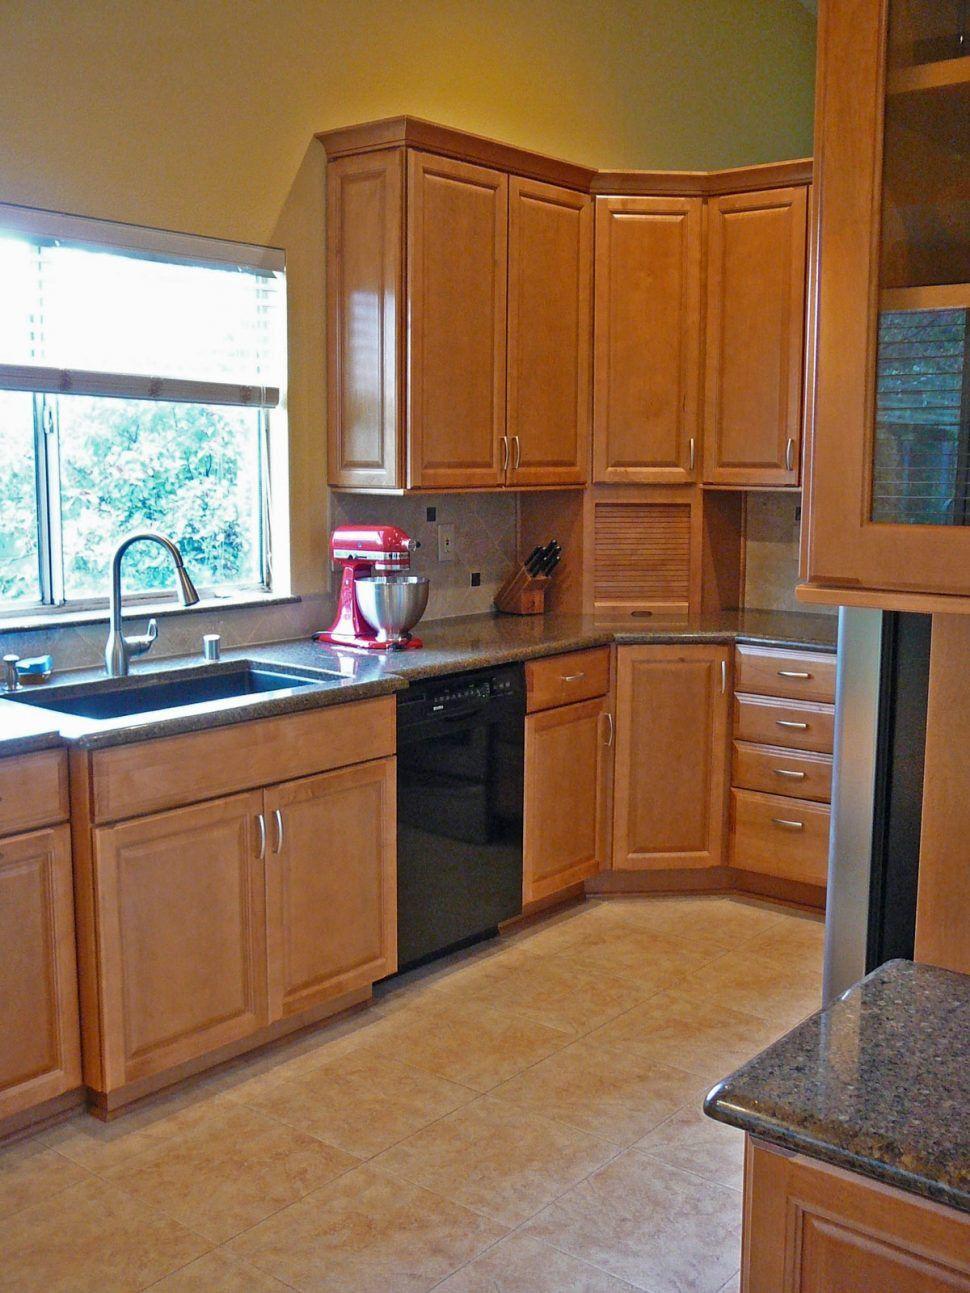 Corner Kitchen Cabinet - Kitchen Design Ideas | Apartment ...